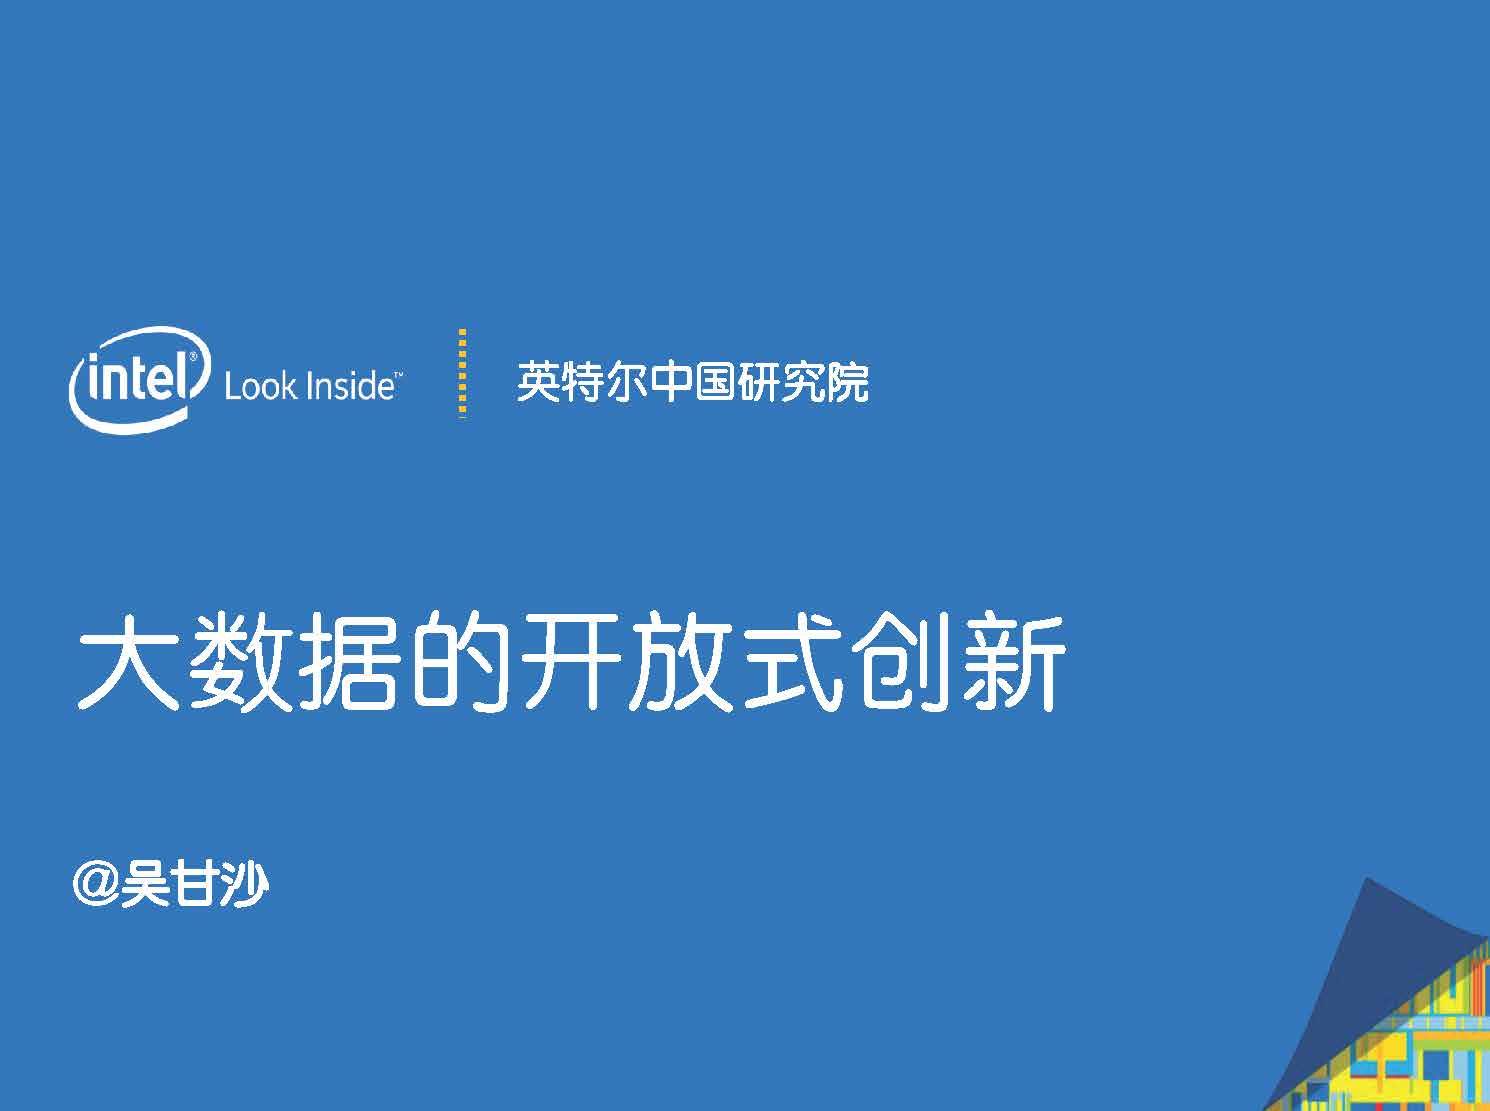 吴甘沙-大数据的开放创新